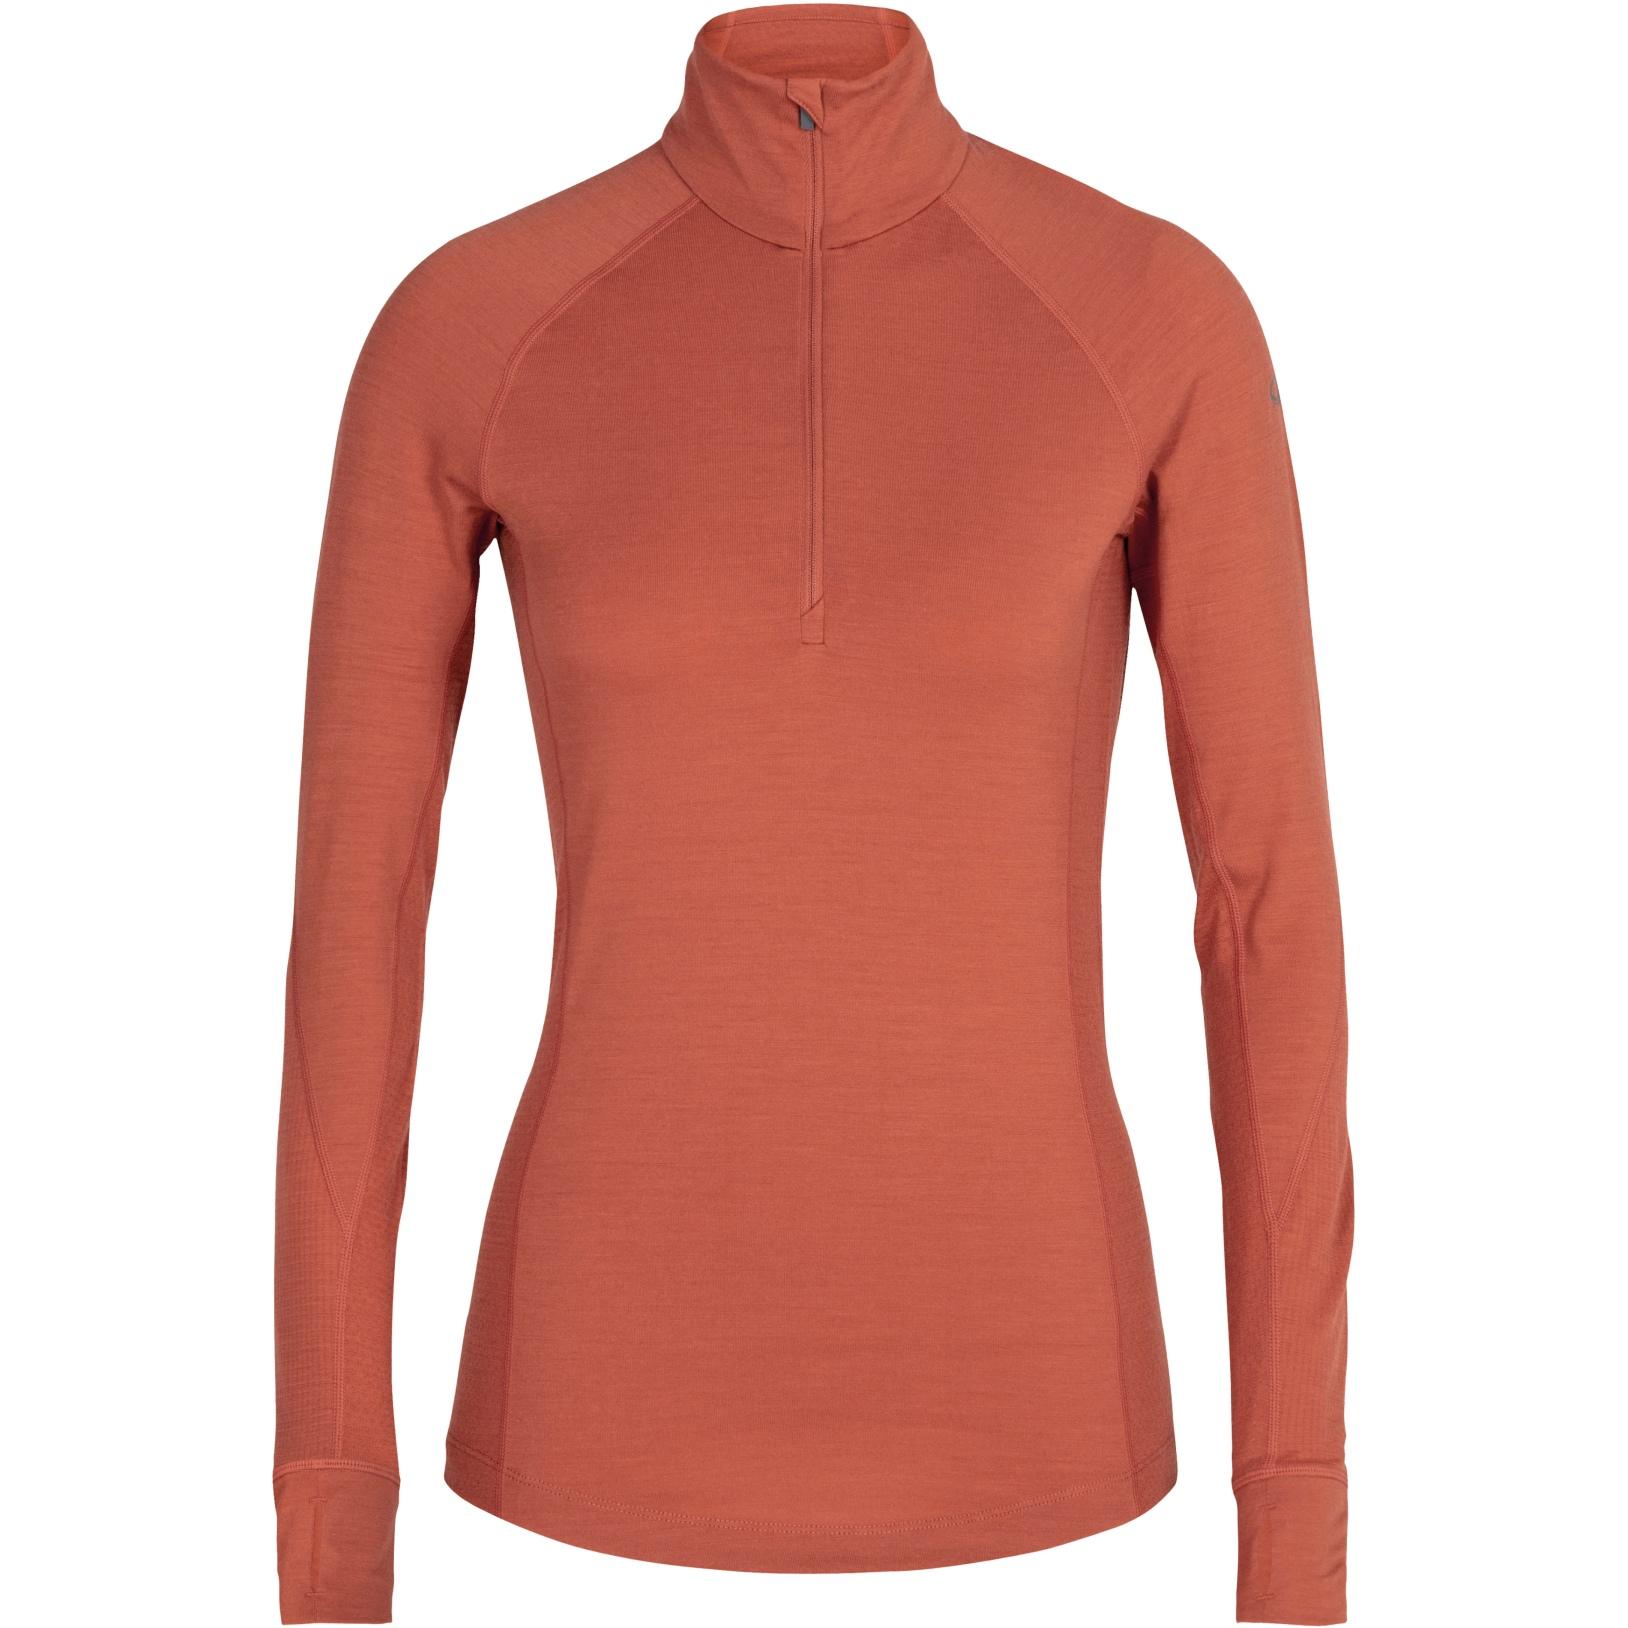 Produktbild von Icebreaker 260 Zone Half Zip Damen Langarmshirt - Clay